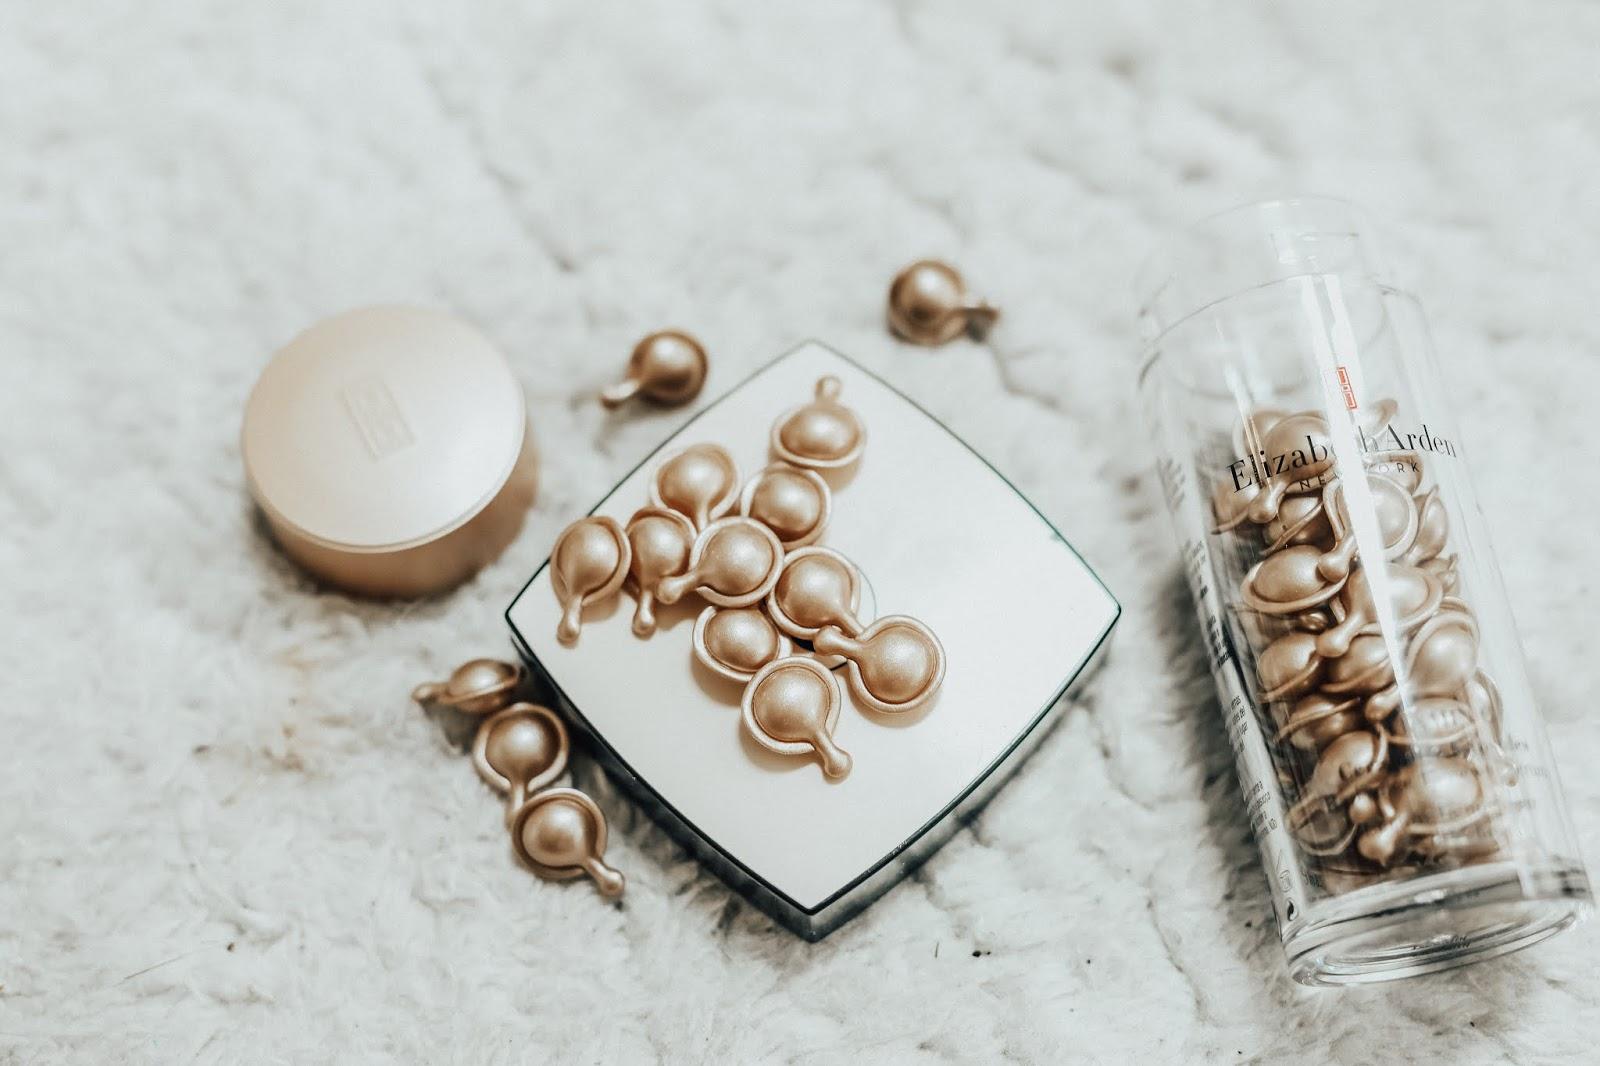 Elizabeth Arden's Vitamin C capsules